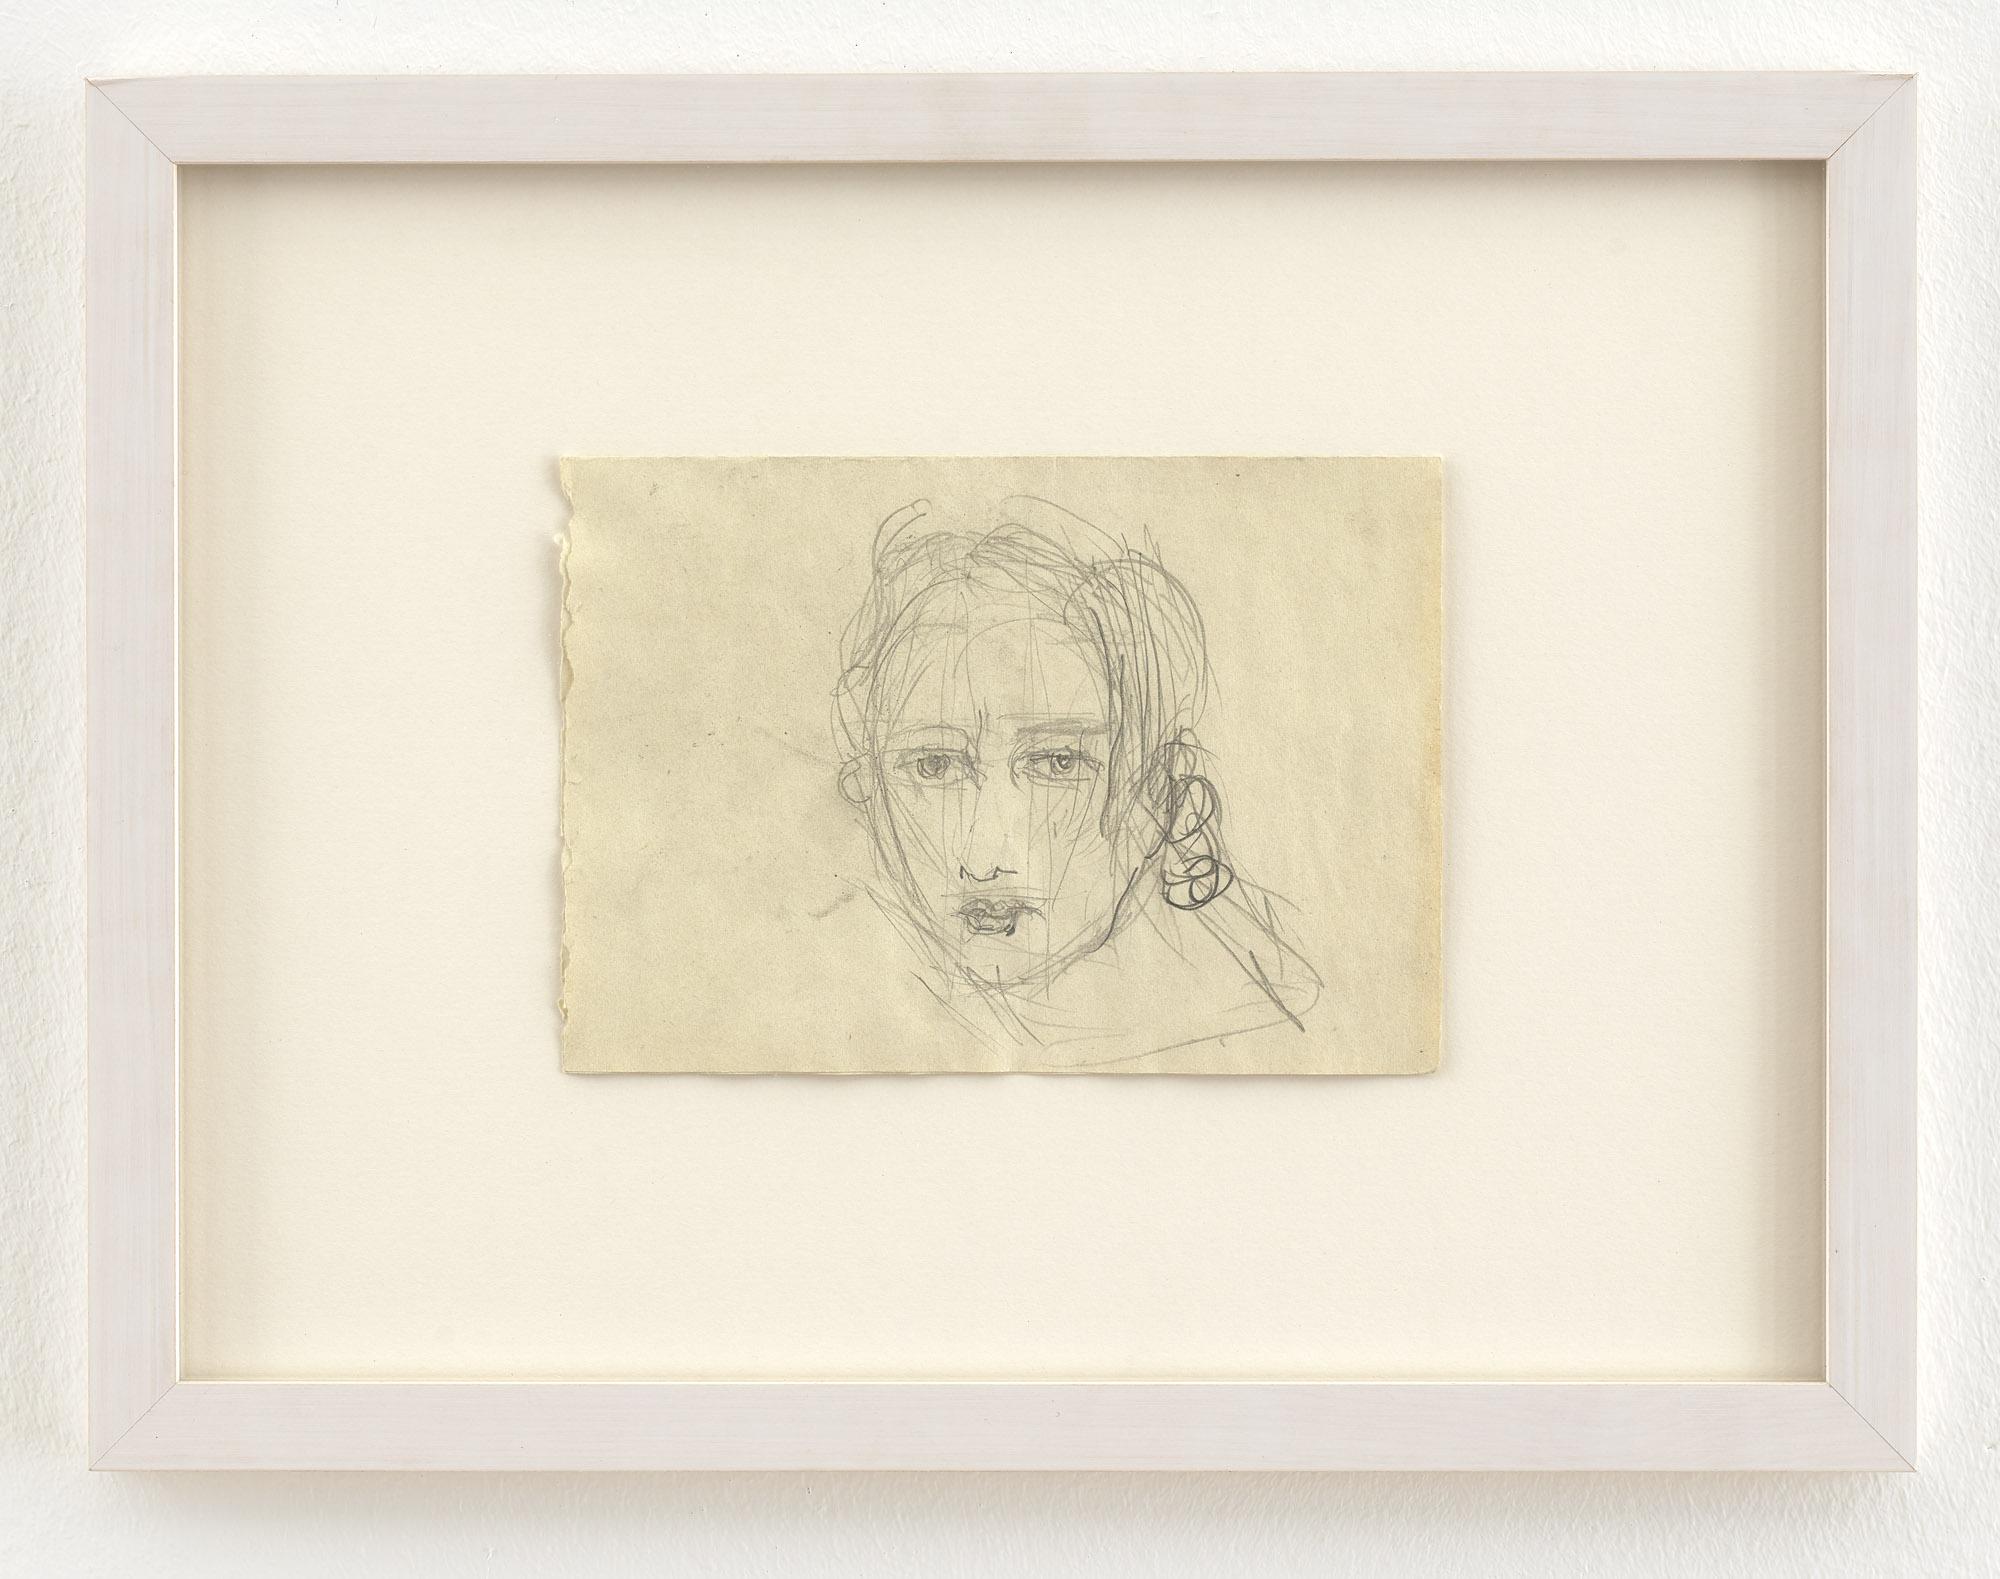 Clara Schumann II | 1999 | Bleistift auf Papier | 14,8 x 21 cm